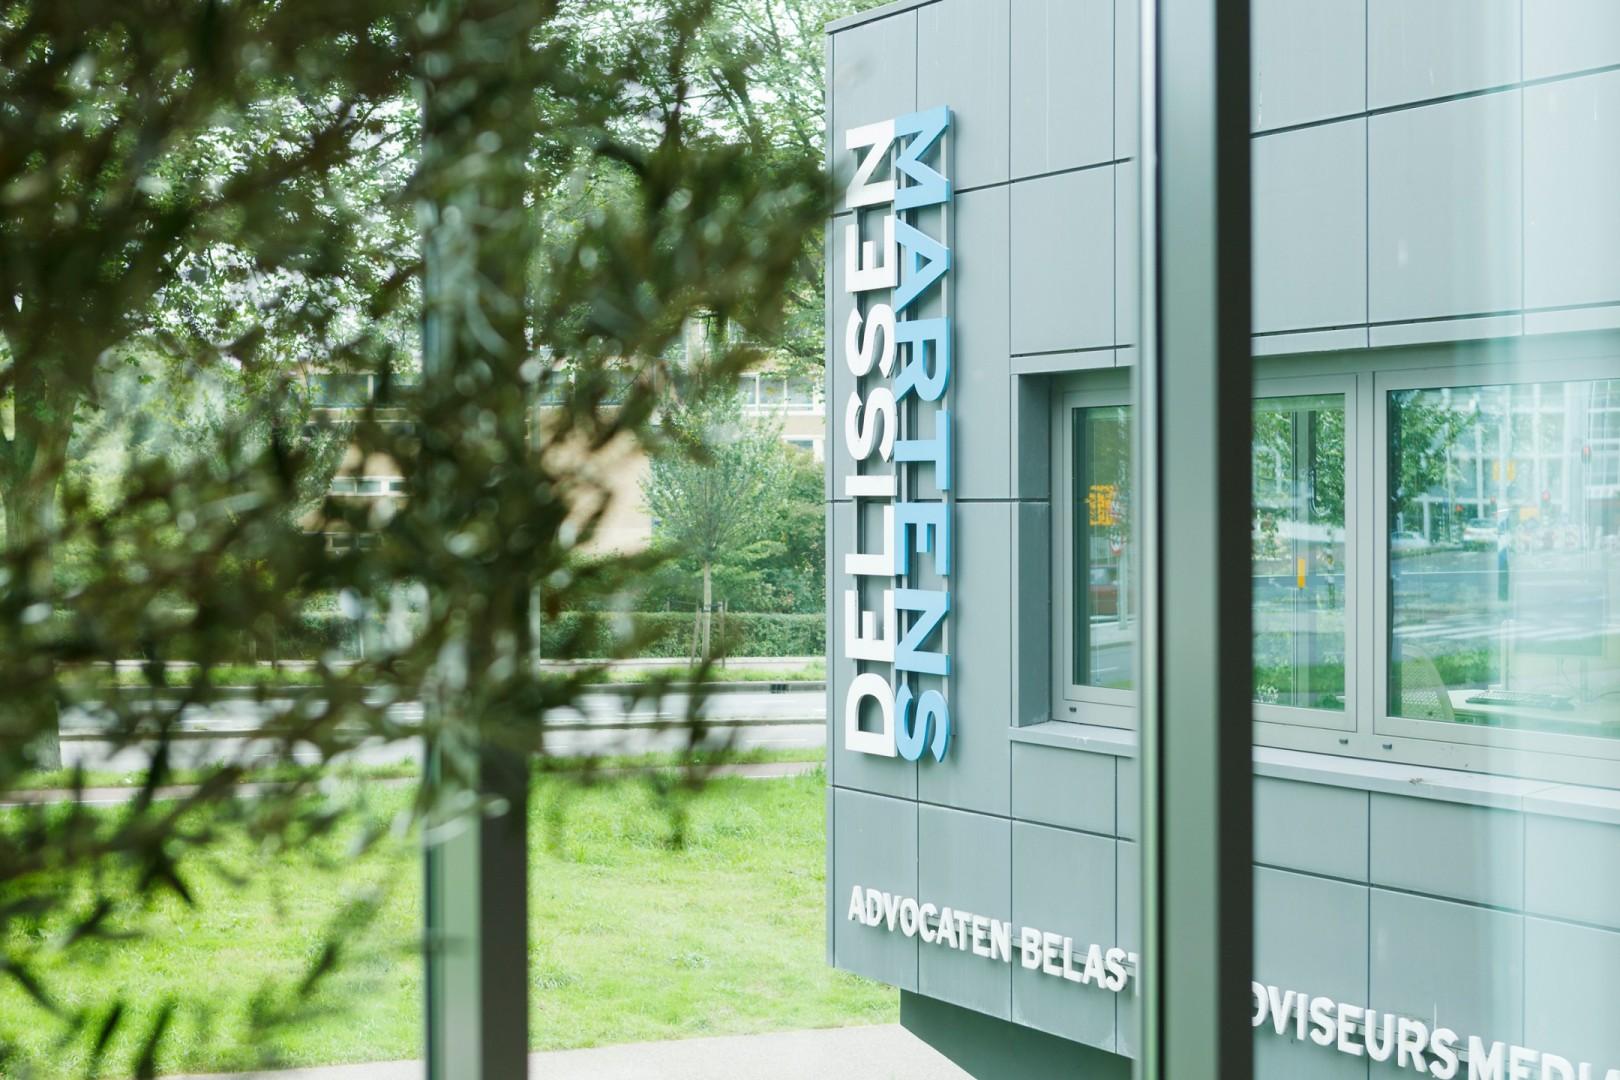 Kennis delen. Onze advocaten in Den Haag delen graag hun kennis met u via blogs, whitepapers, artikelen, webinars.